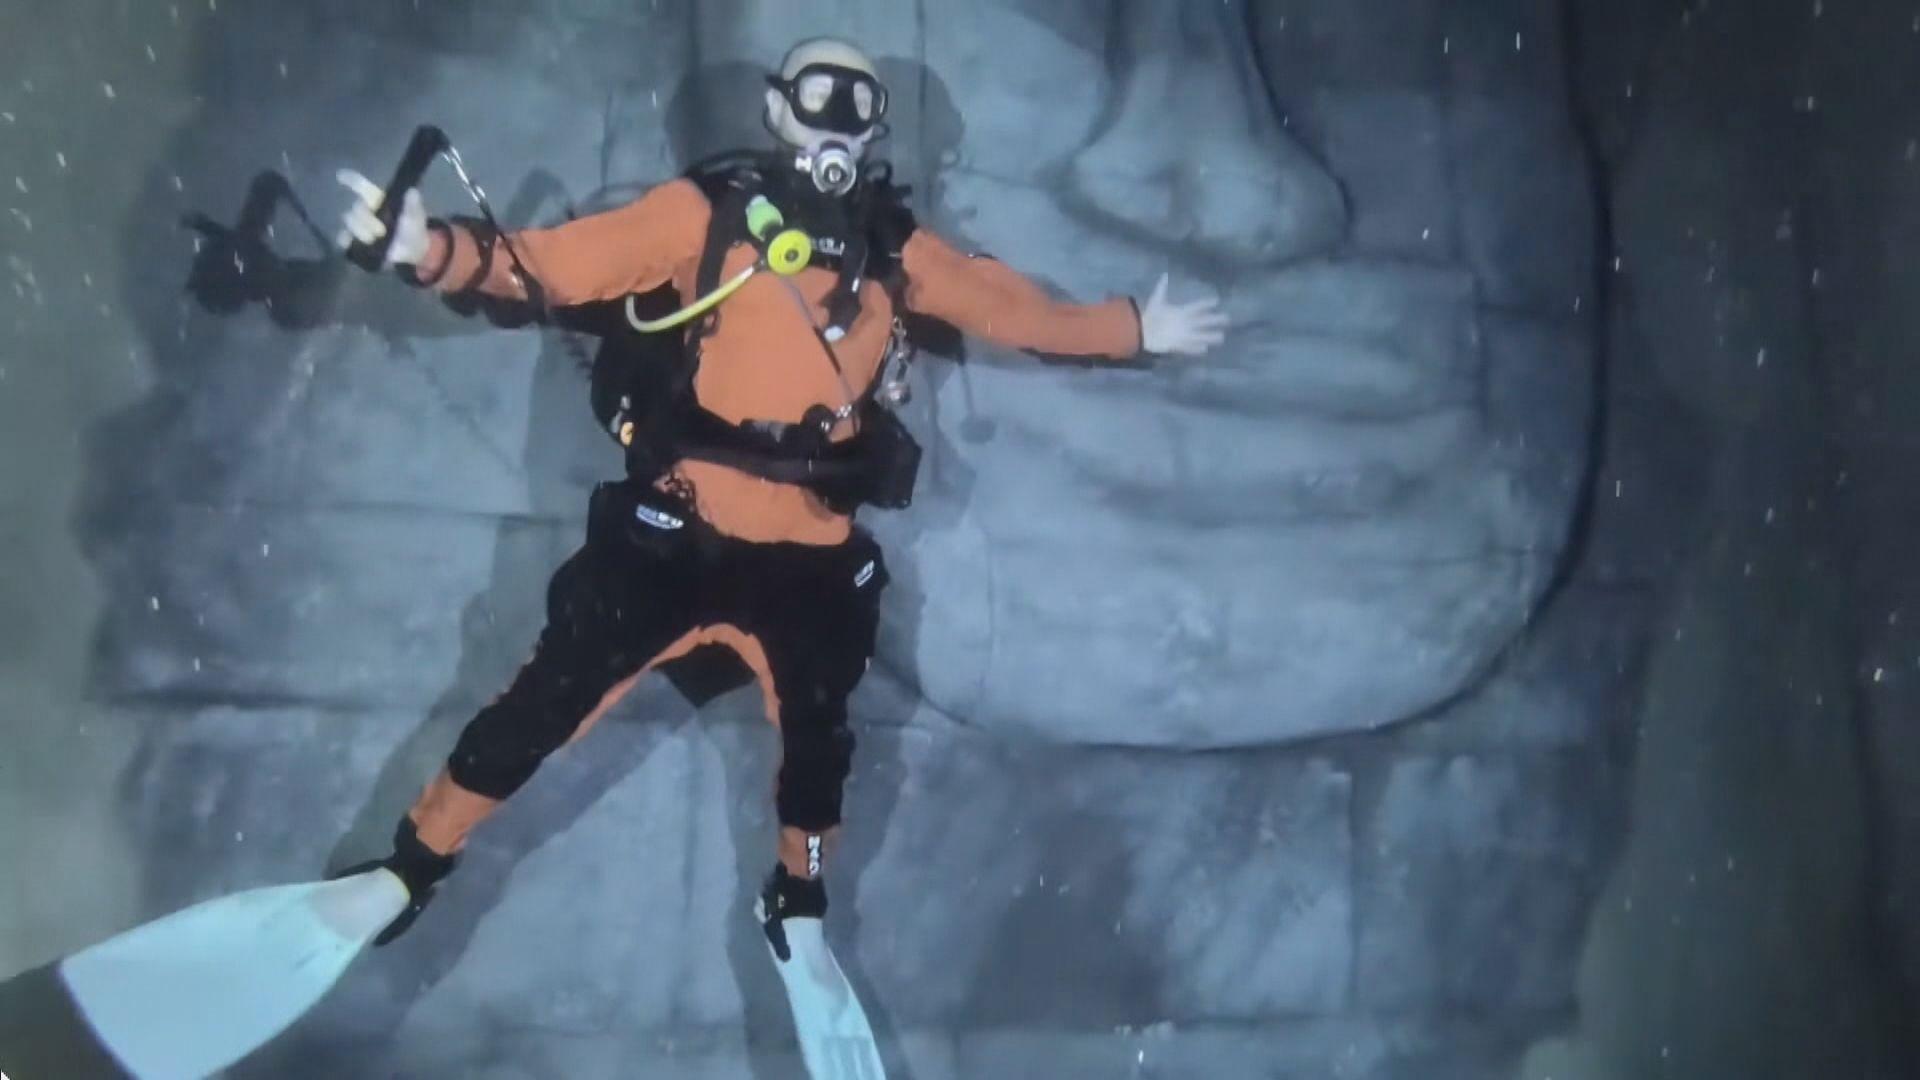 【環球薈報】波蘭全球最深人造洞穴潛水池開幕